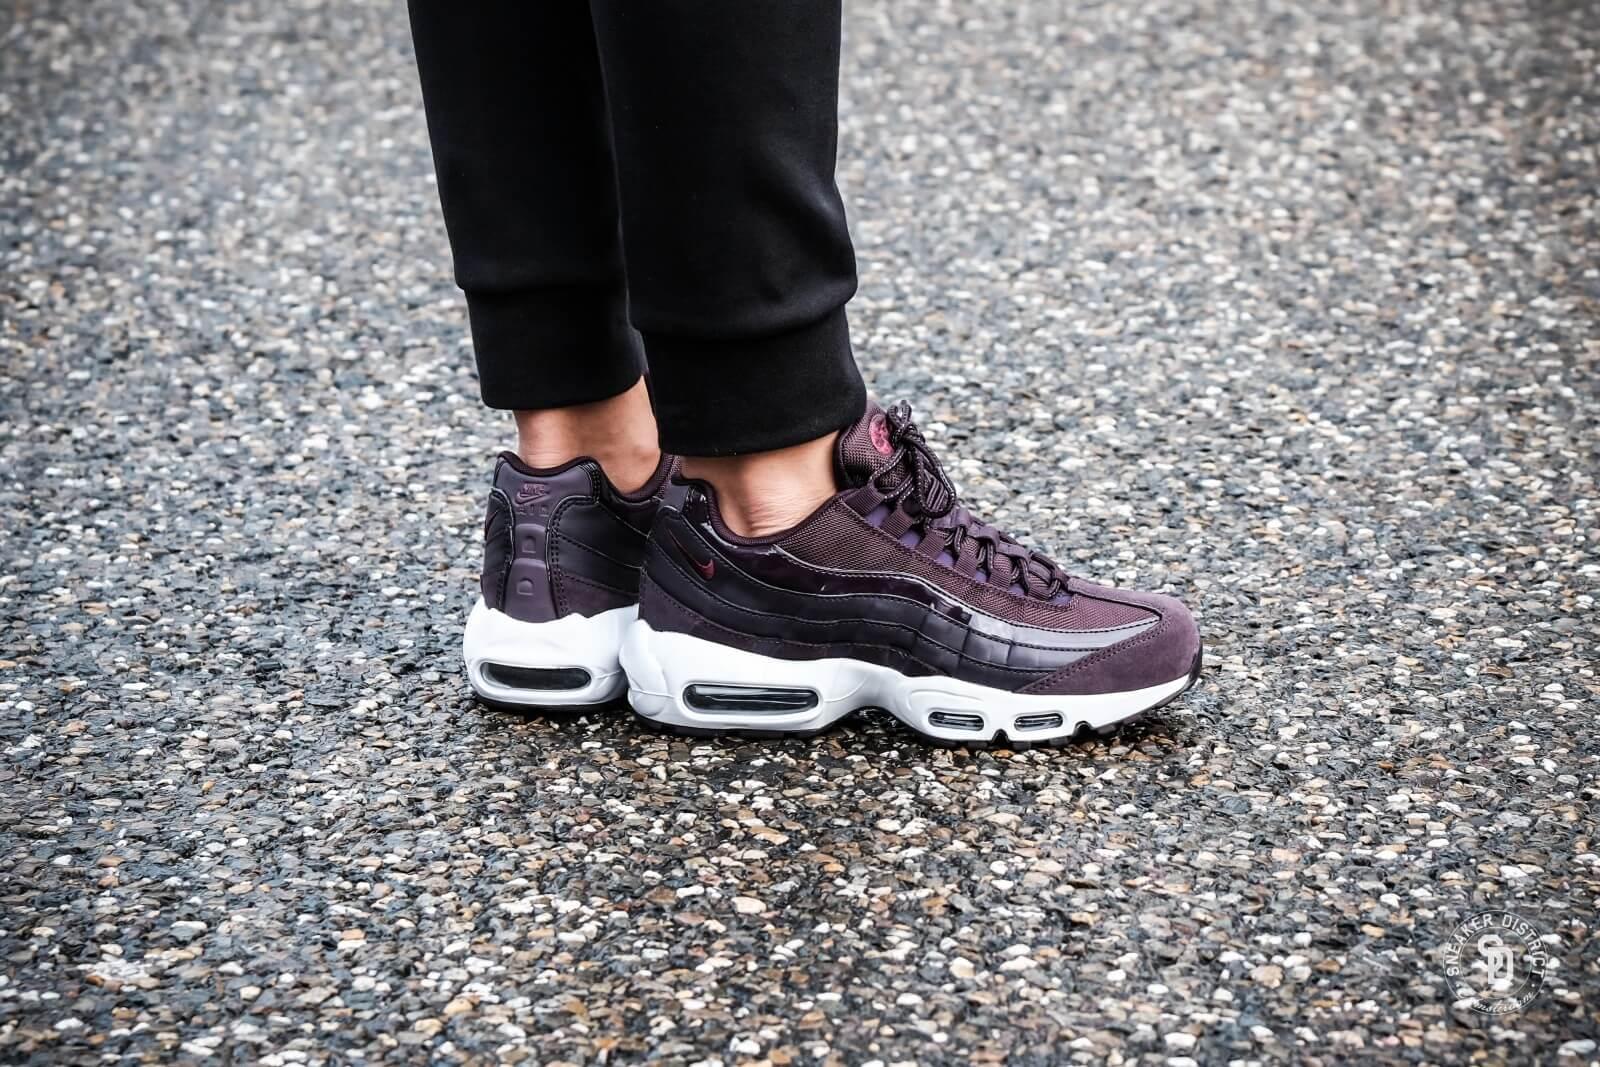 Air Max 95 Women's Shoe | Air max outfit, Nike air max 95